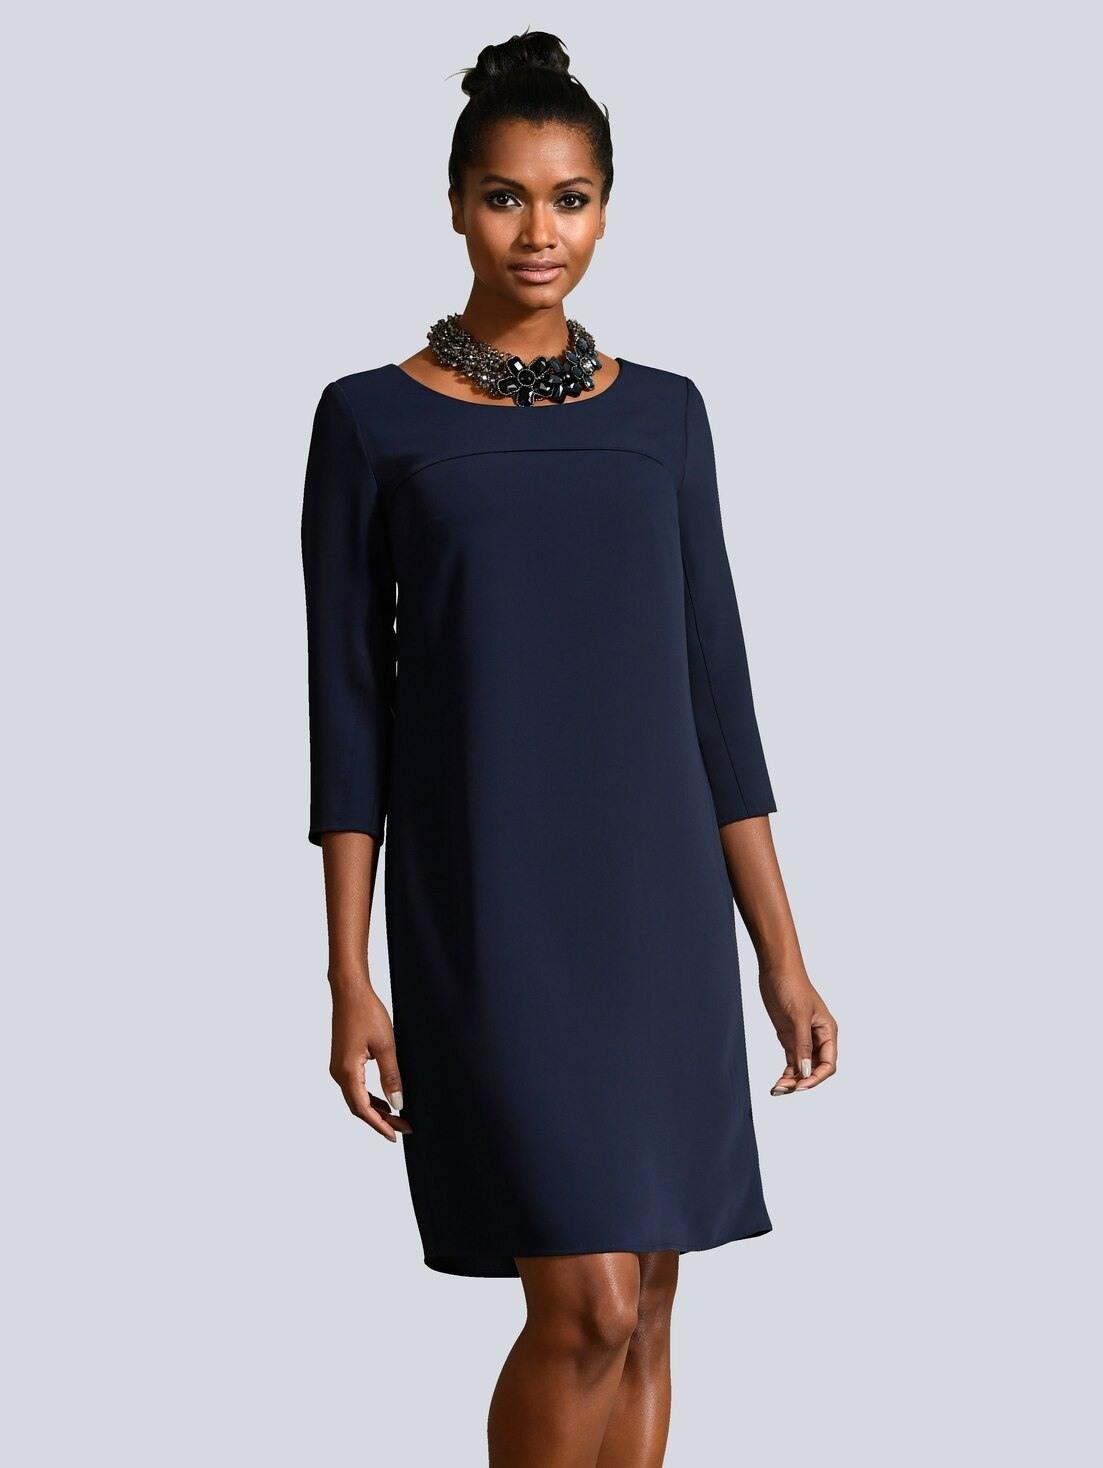 Abend Wunderbar Kleid Marineblau Ärmel13 Luxus Kleid Marineblau Galerie